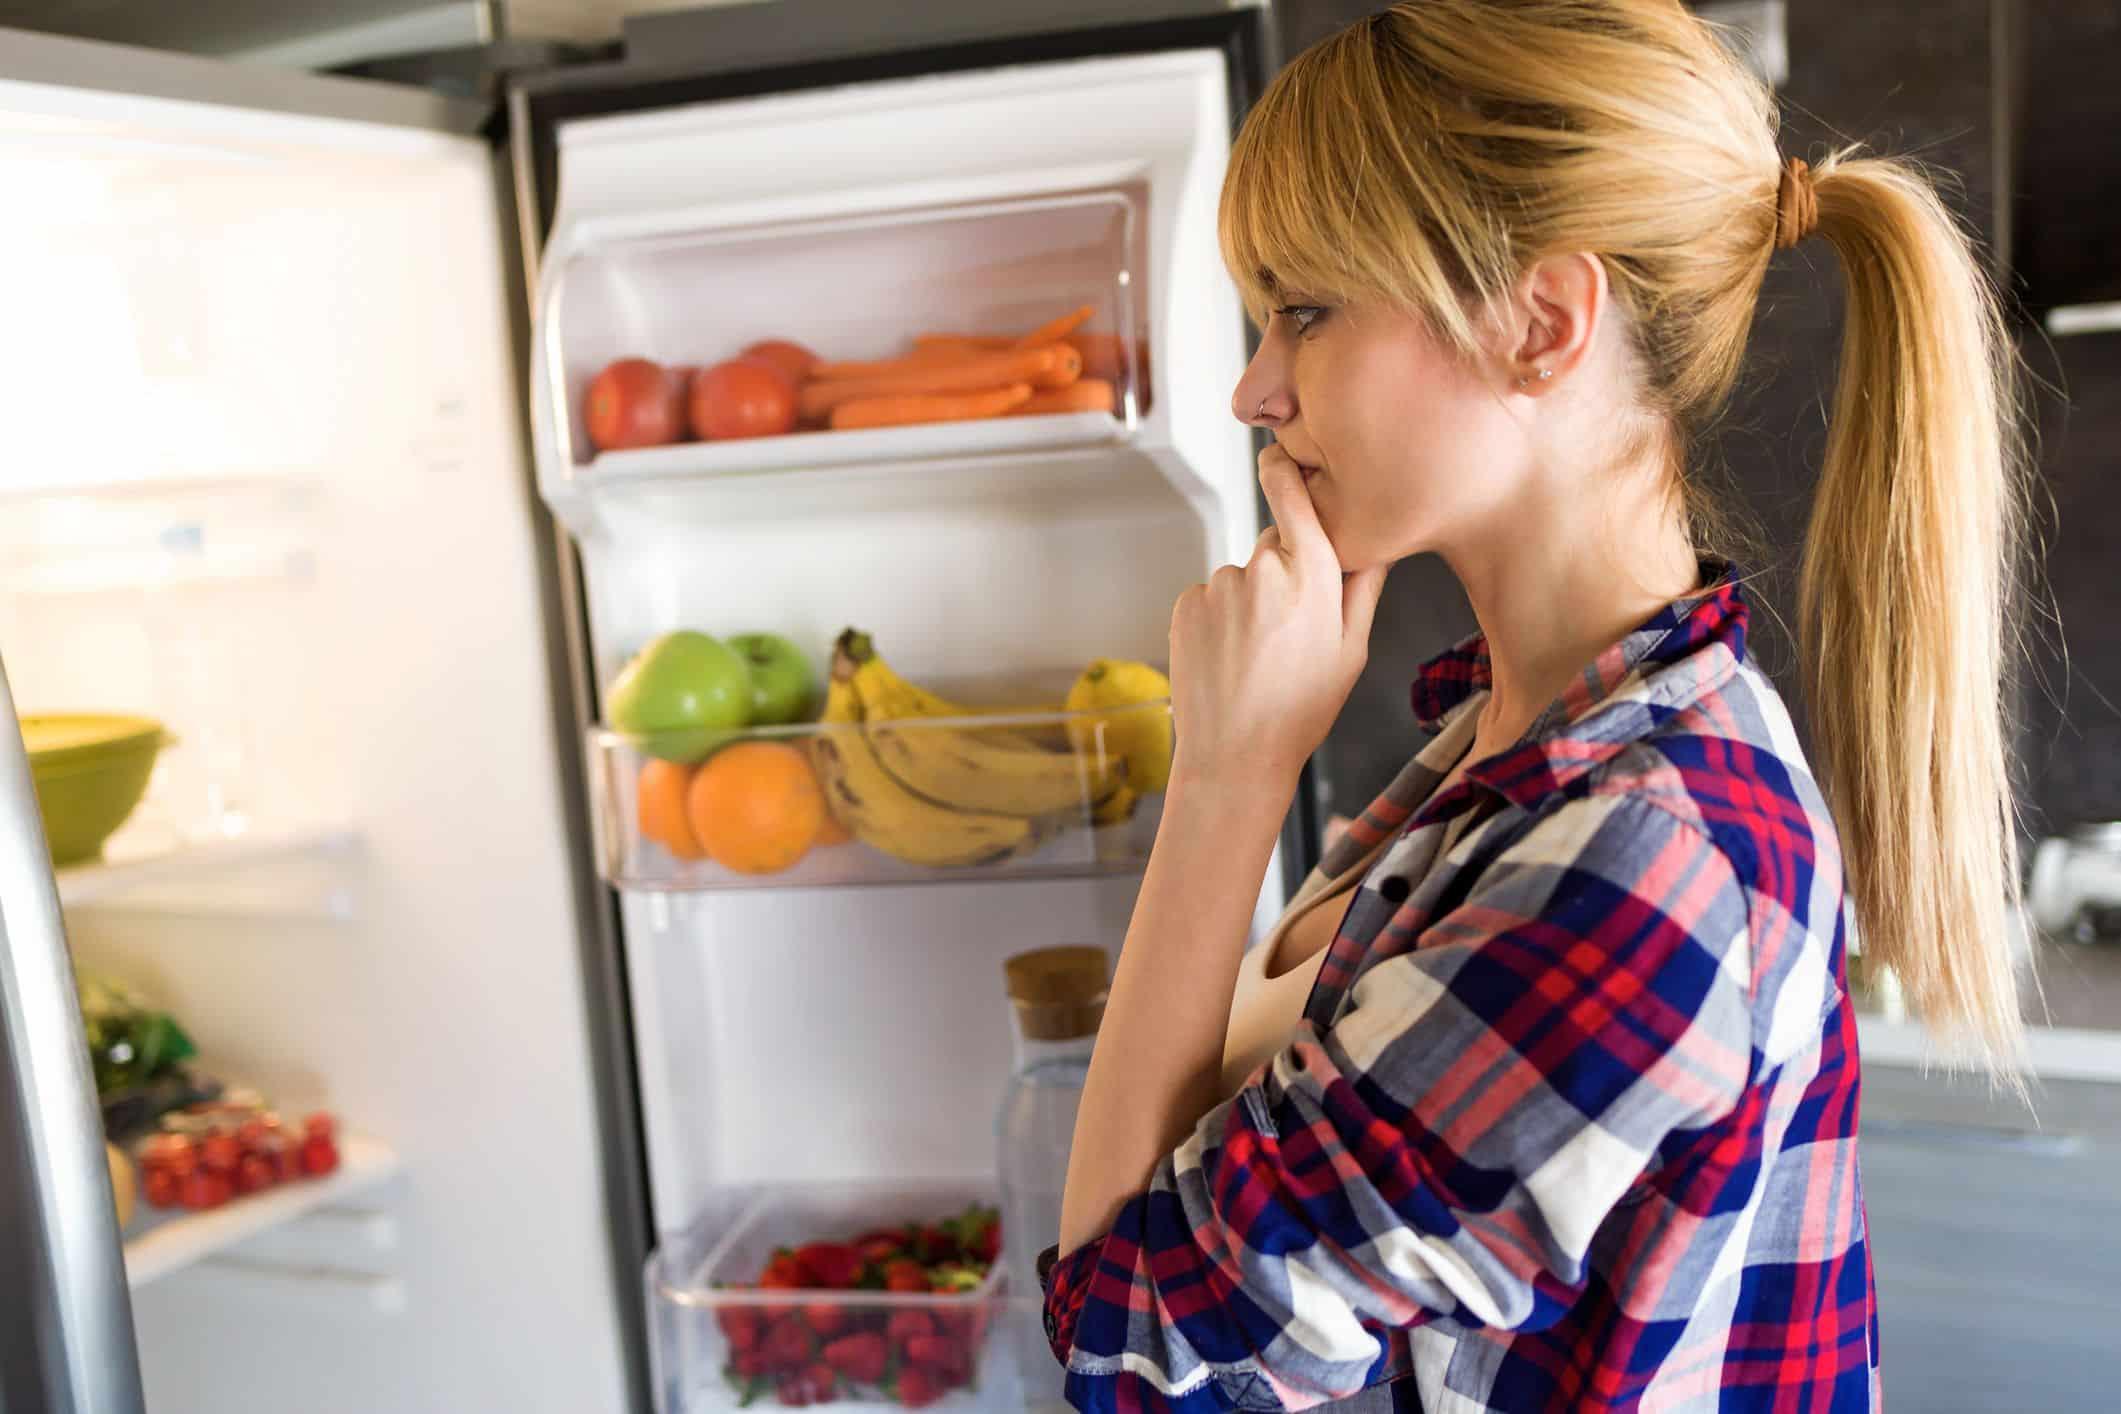 Votre signe astrologique vous dit quels aliments vous devez obligatoirement avoir dans votre frigo